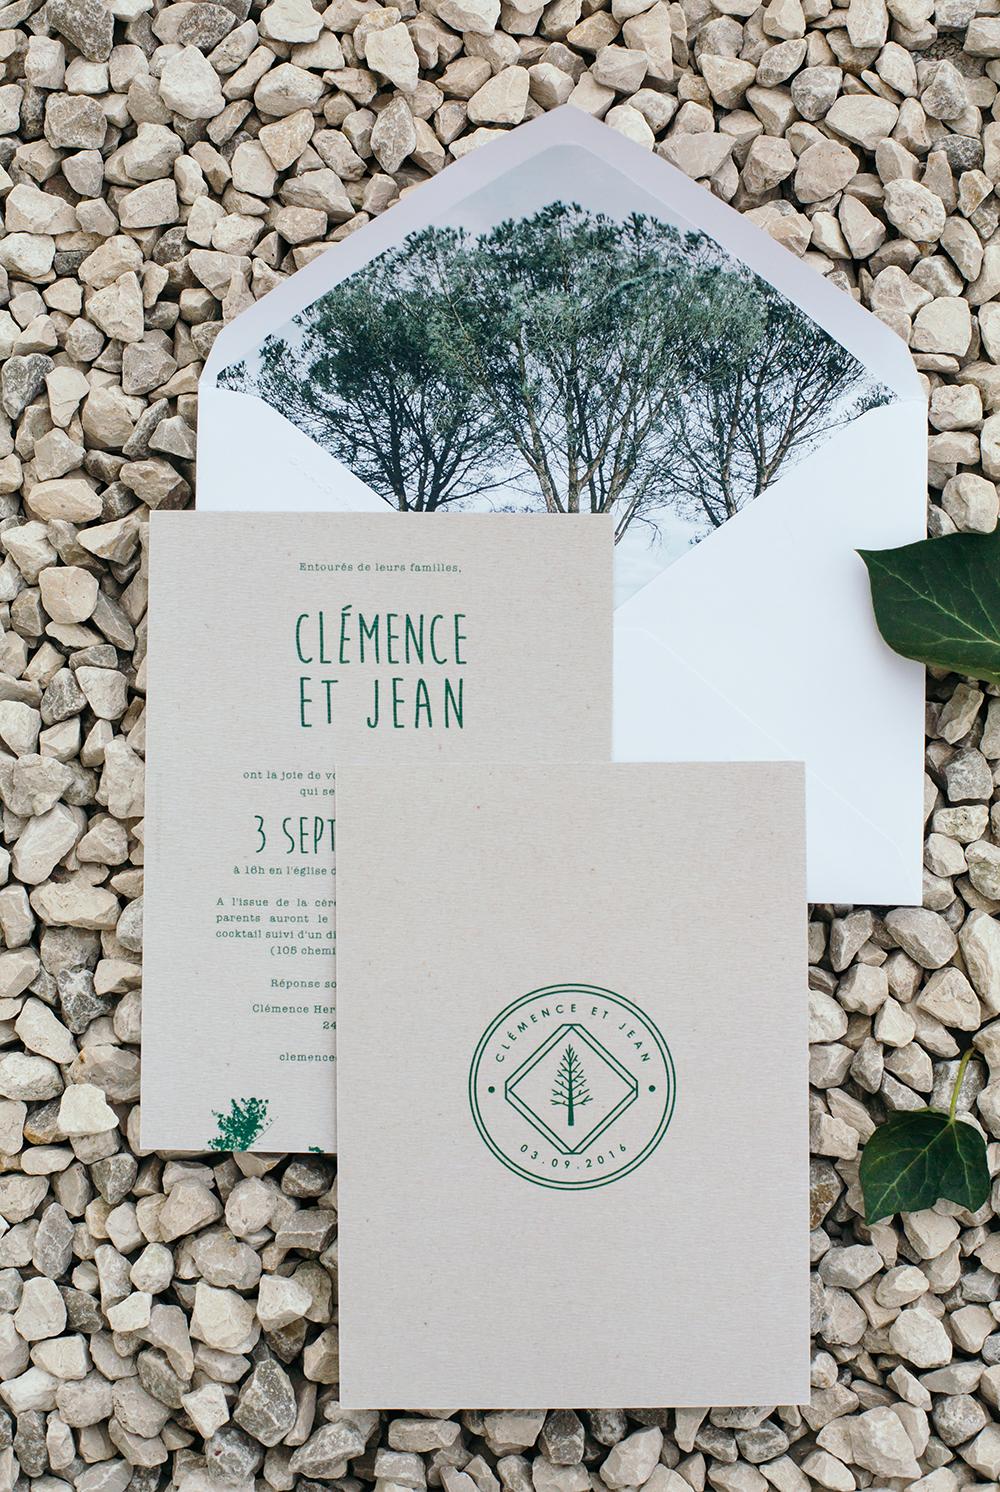 an-lalemant-photographe-mariage-clemence-et-jean-2